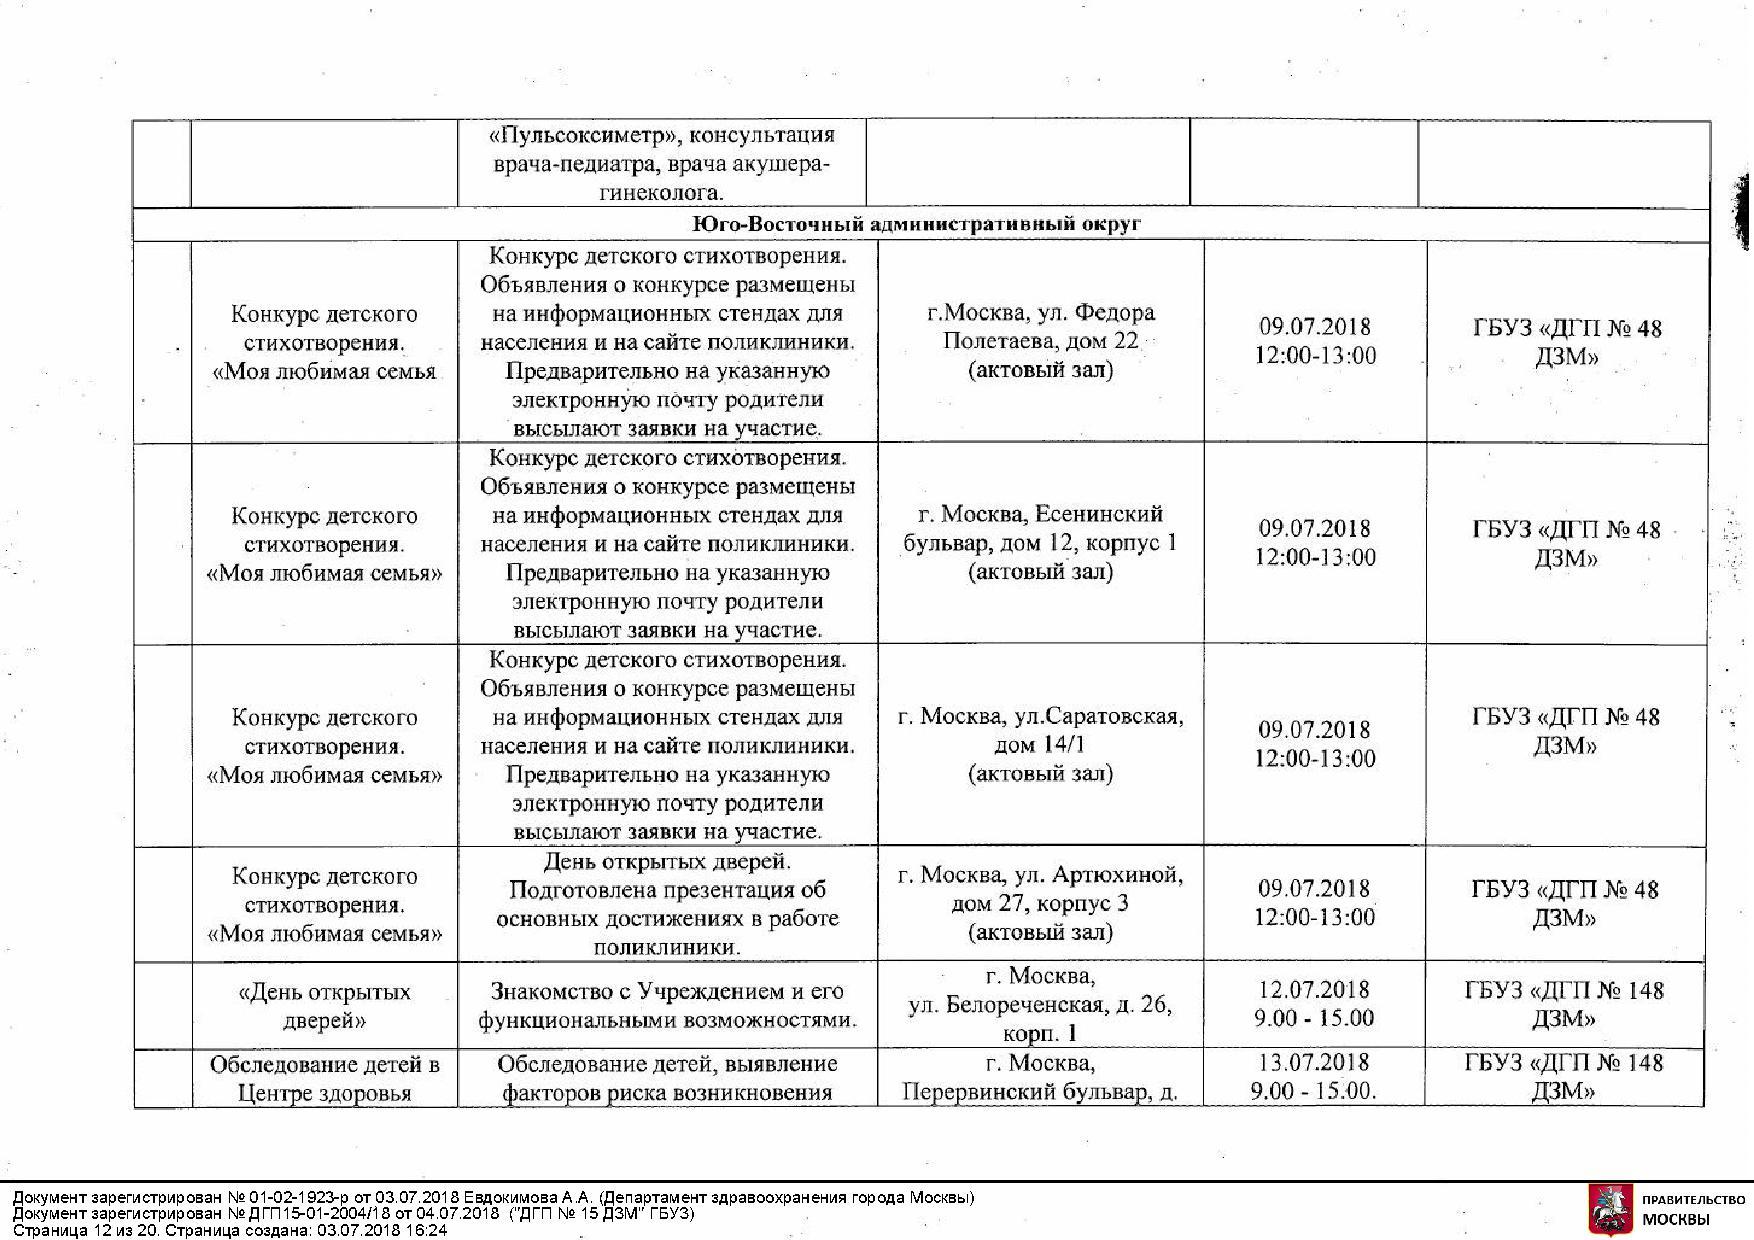 Справка от педиатра Юбилейная улица (деревня Власово) федеральное государственное учреждение санкт-петербургская медицинская академия